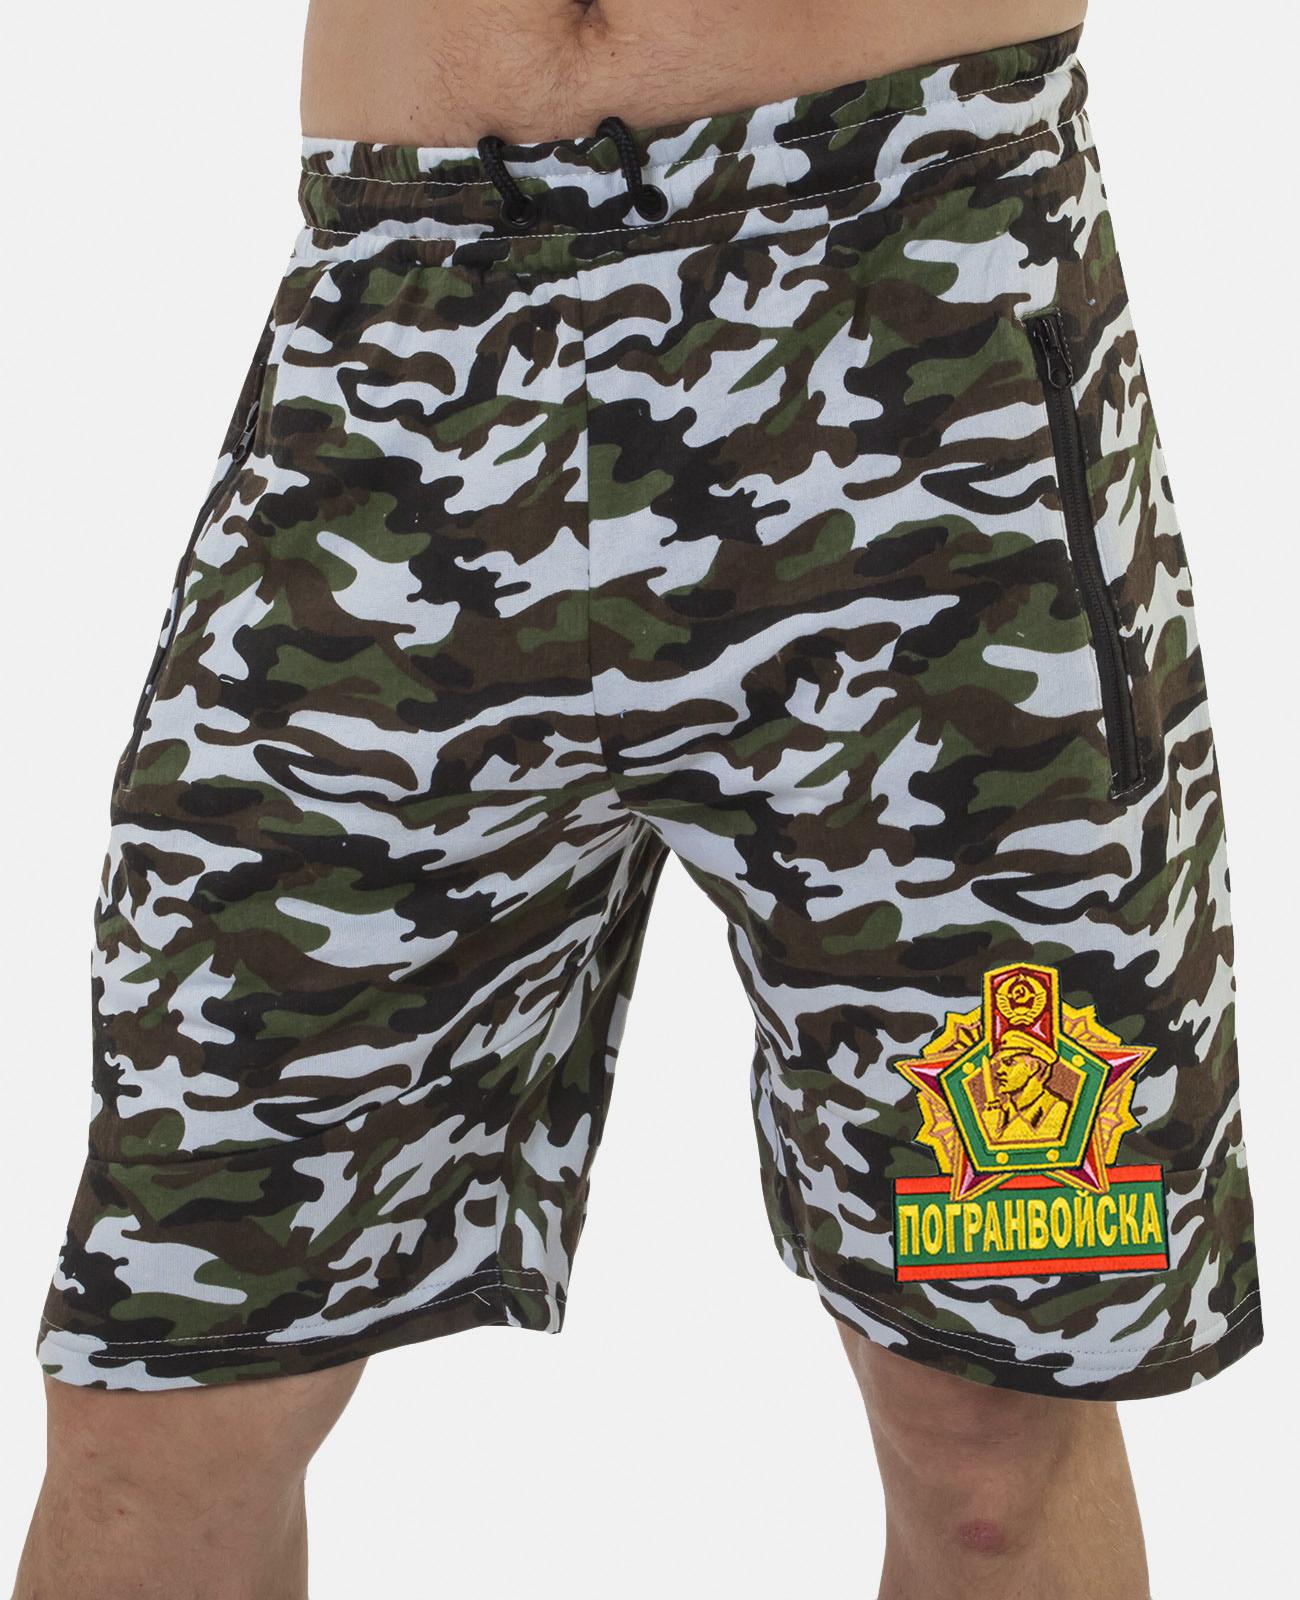 Купить надежные милитари шорты с нашивкой Погранвойска в подарок пограничнику